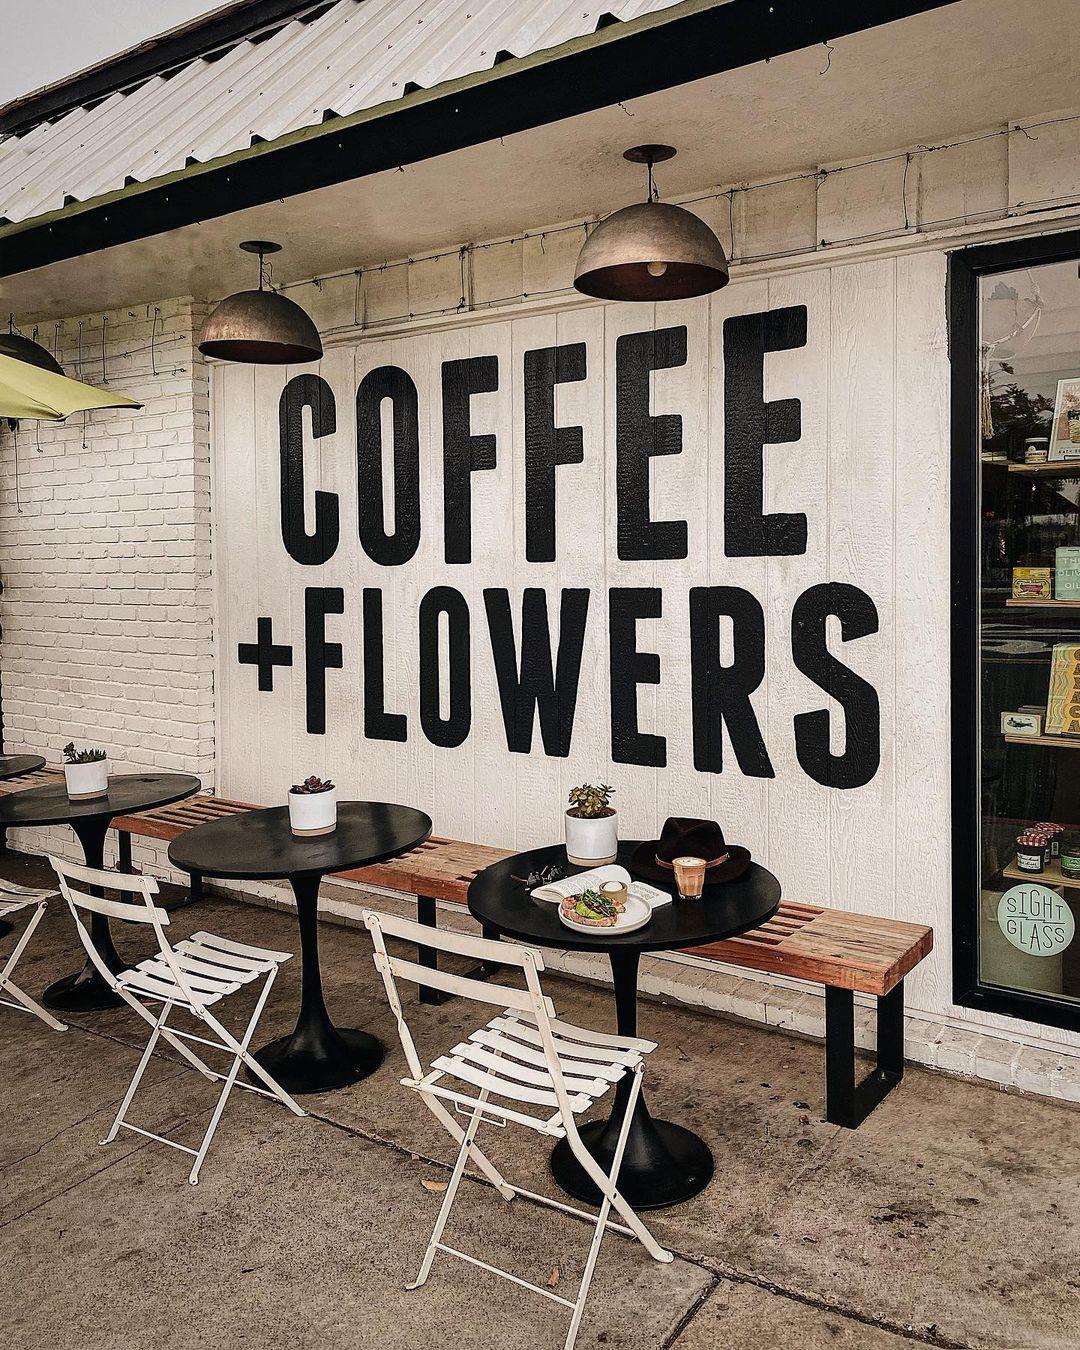 仙女们最爱 SD绝美咖啡☕️花店💐 图1